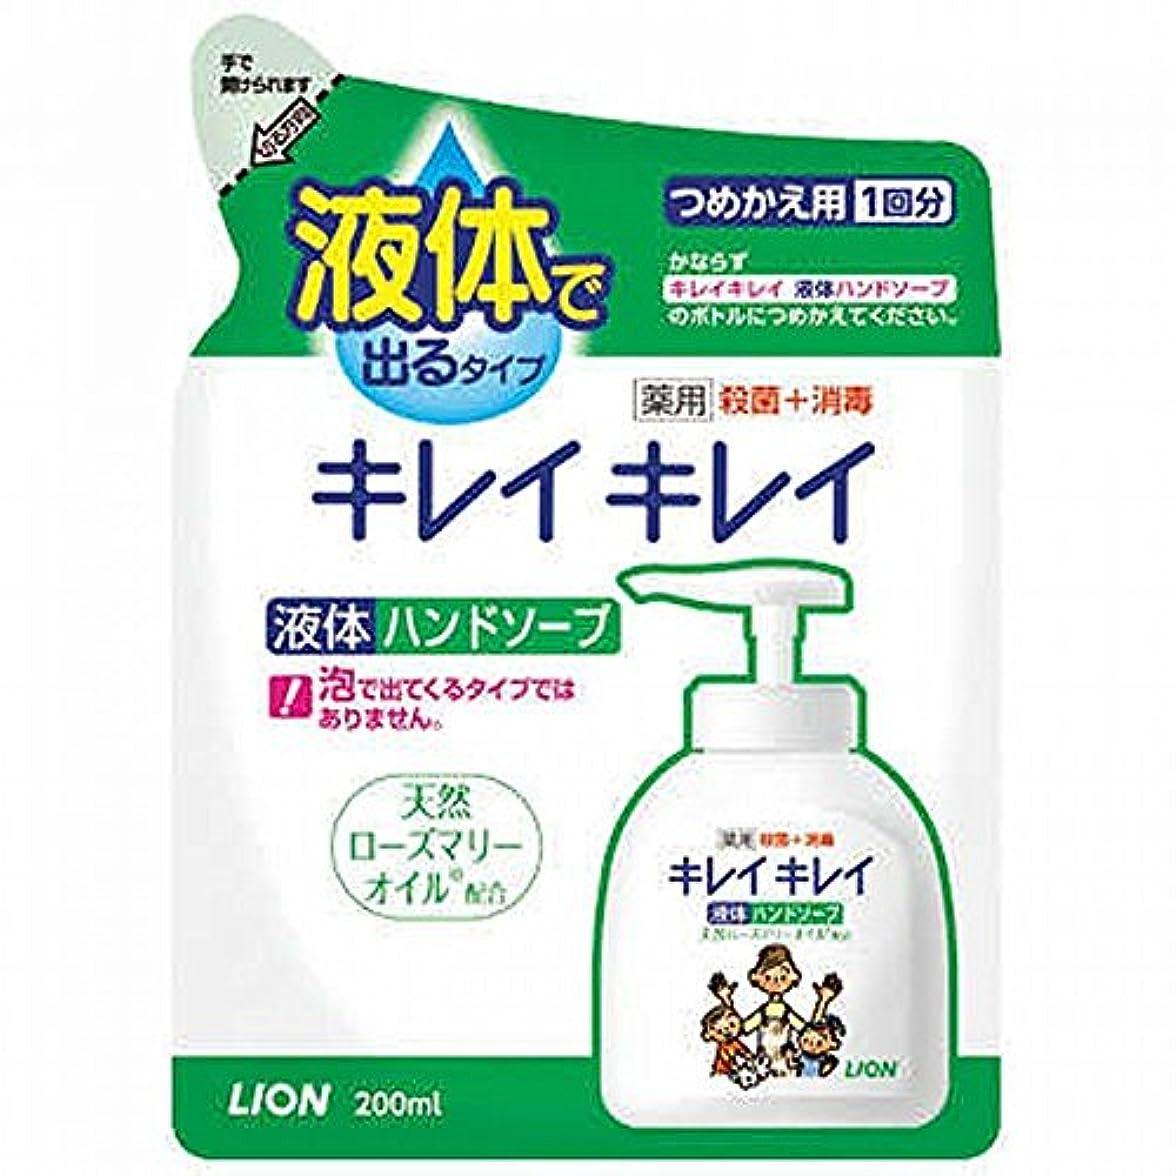 レルム検出する程度キレイキレイ 薬用液体ハンドソープ  詰替用 200ml ×20個セット